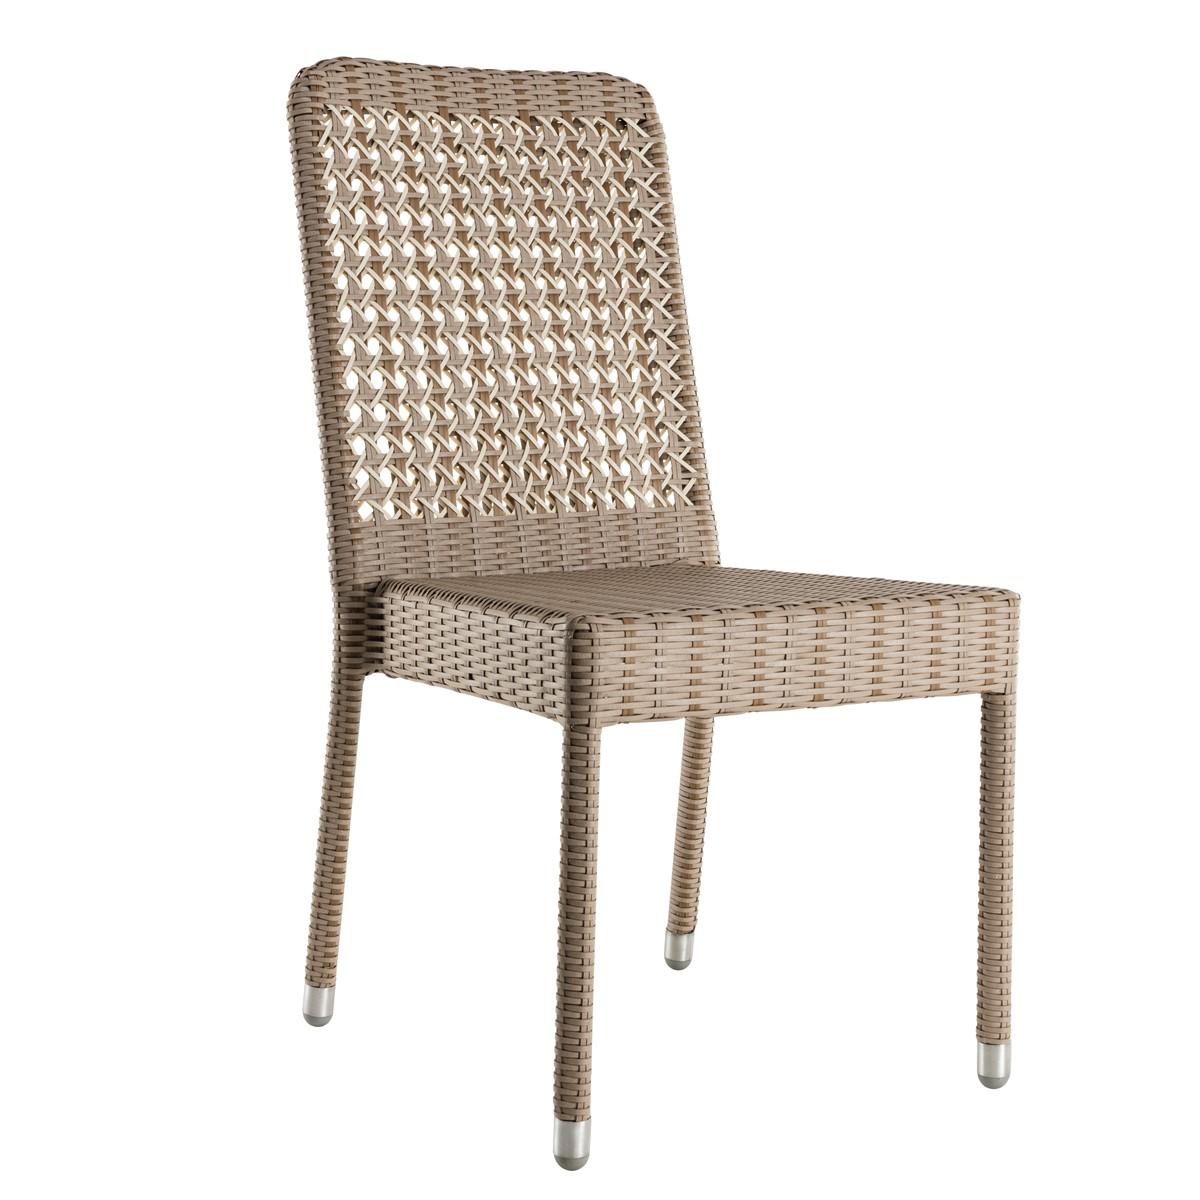 Chaise de jardin sans coussin en résine gris